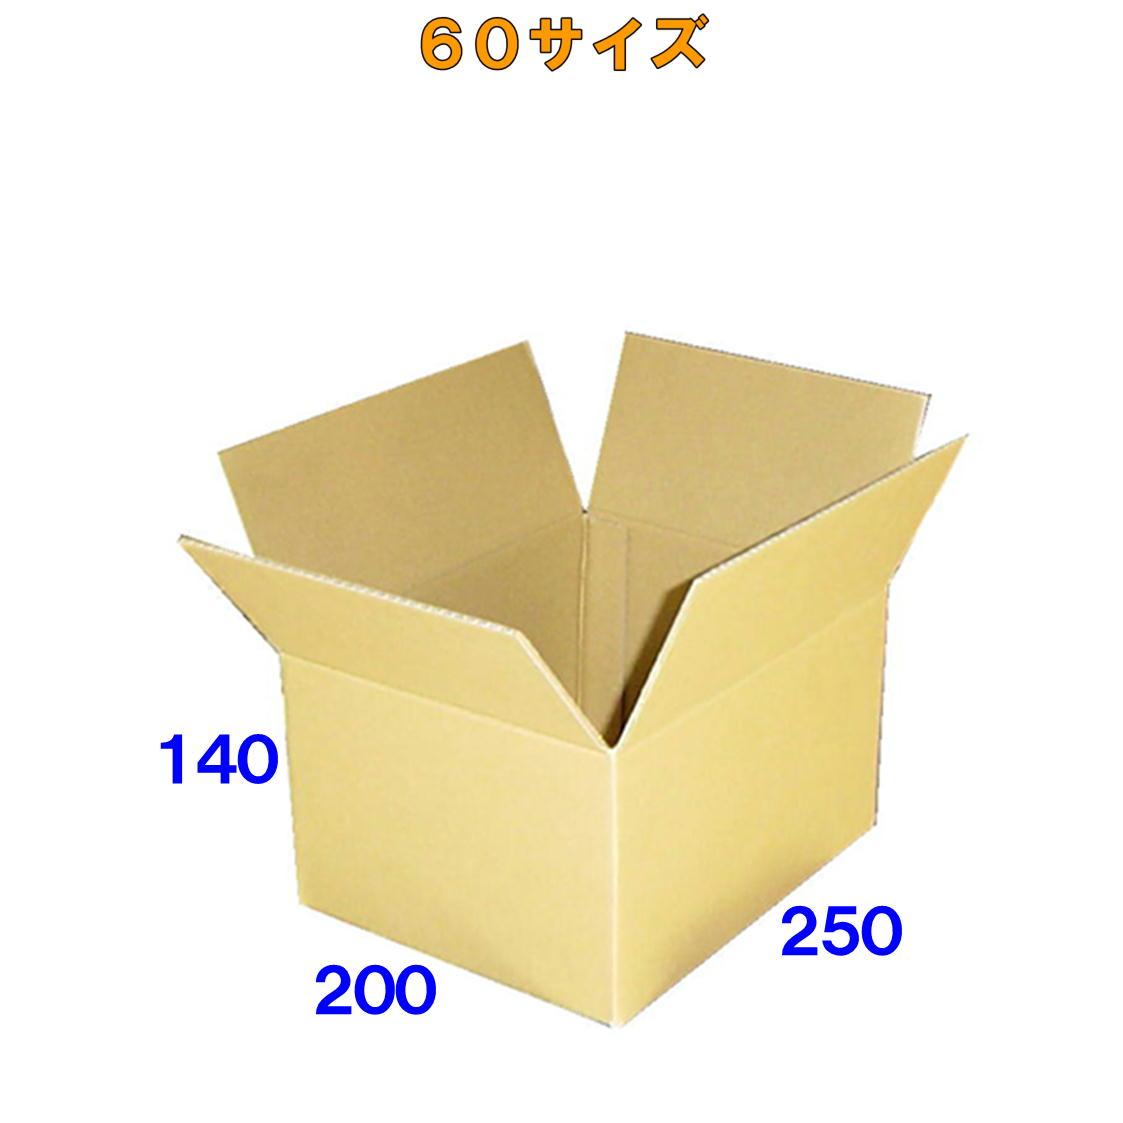 【送料無料】60サイズダンボール箱140枚※この商品はヤマト運輸での配送です※